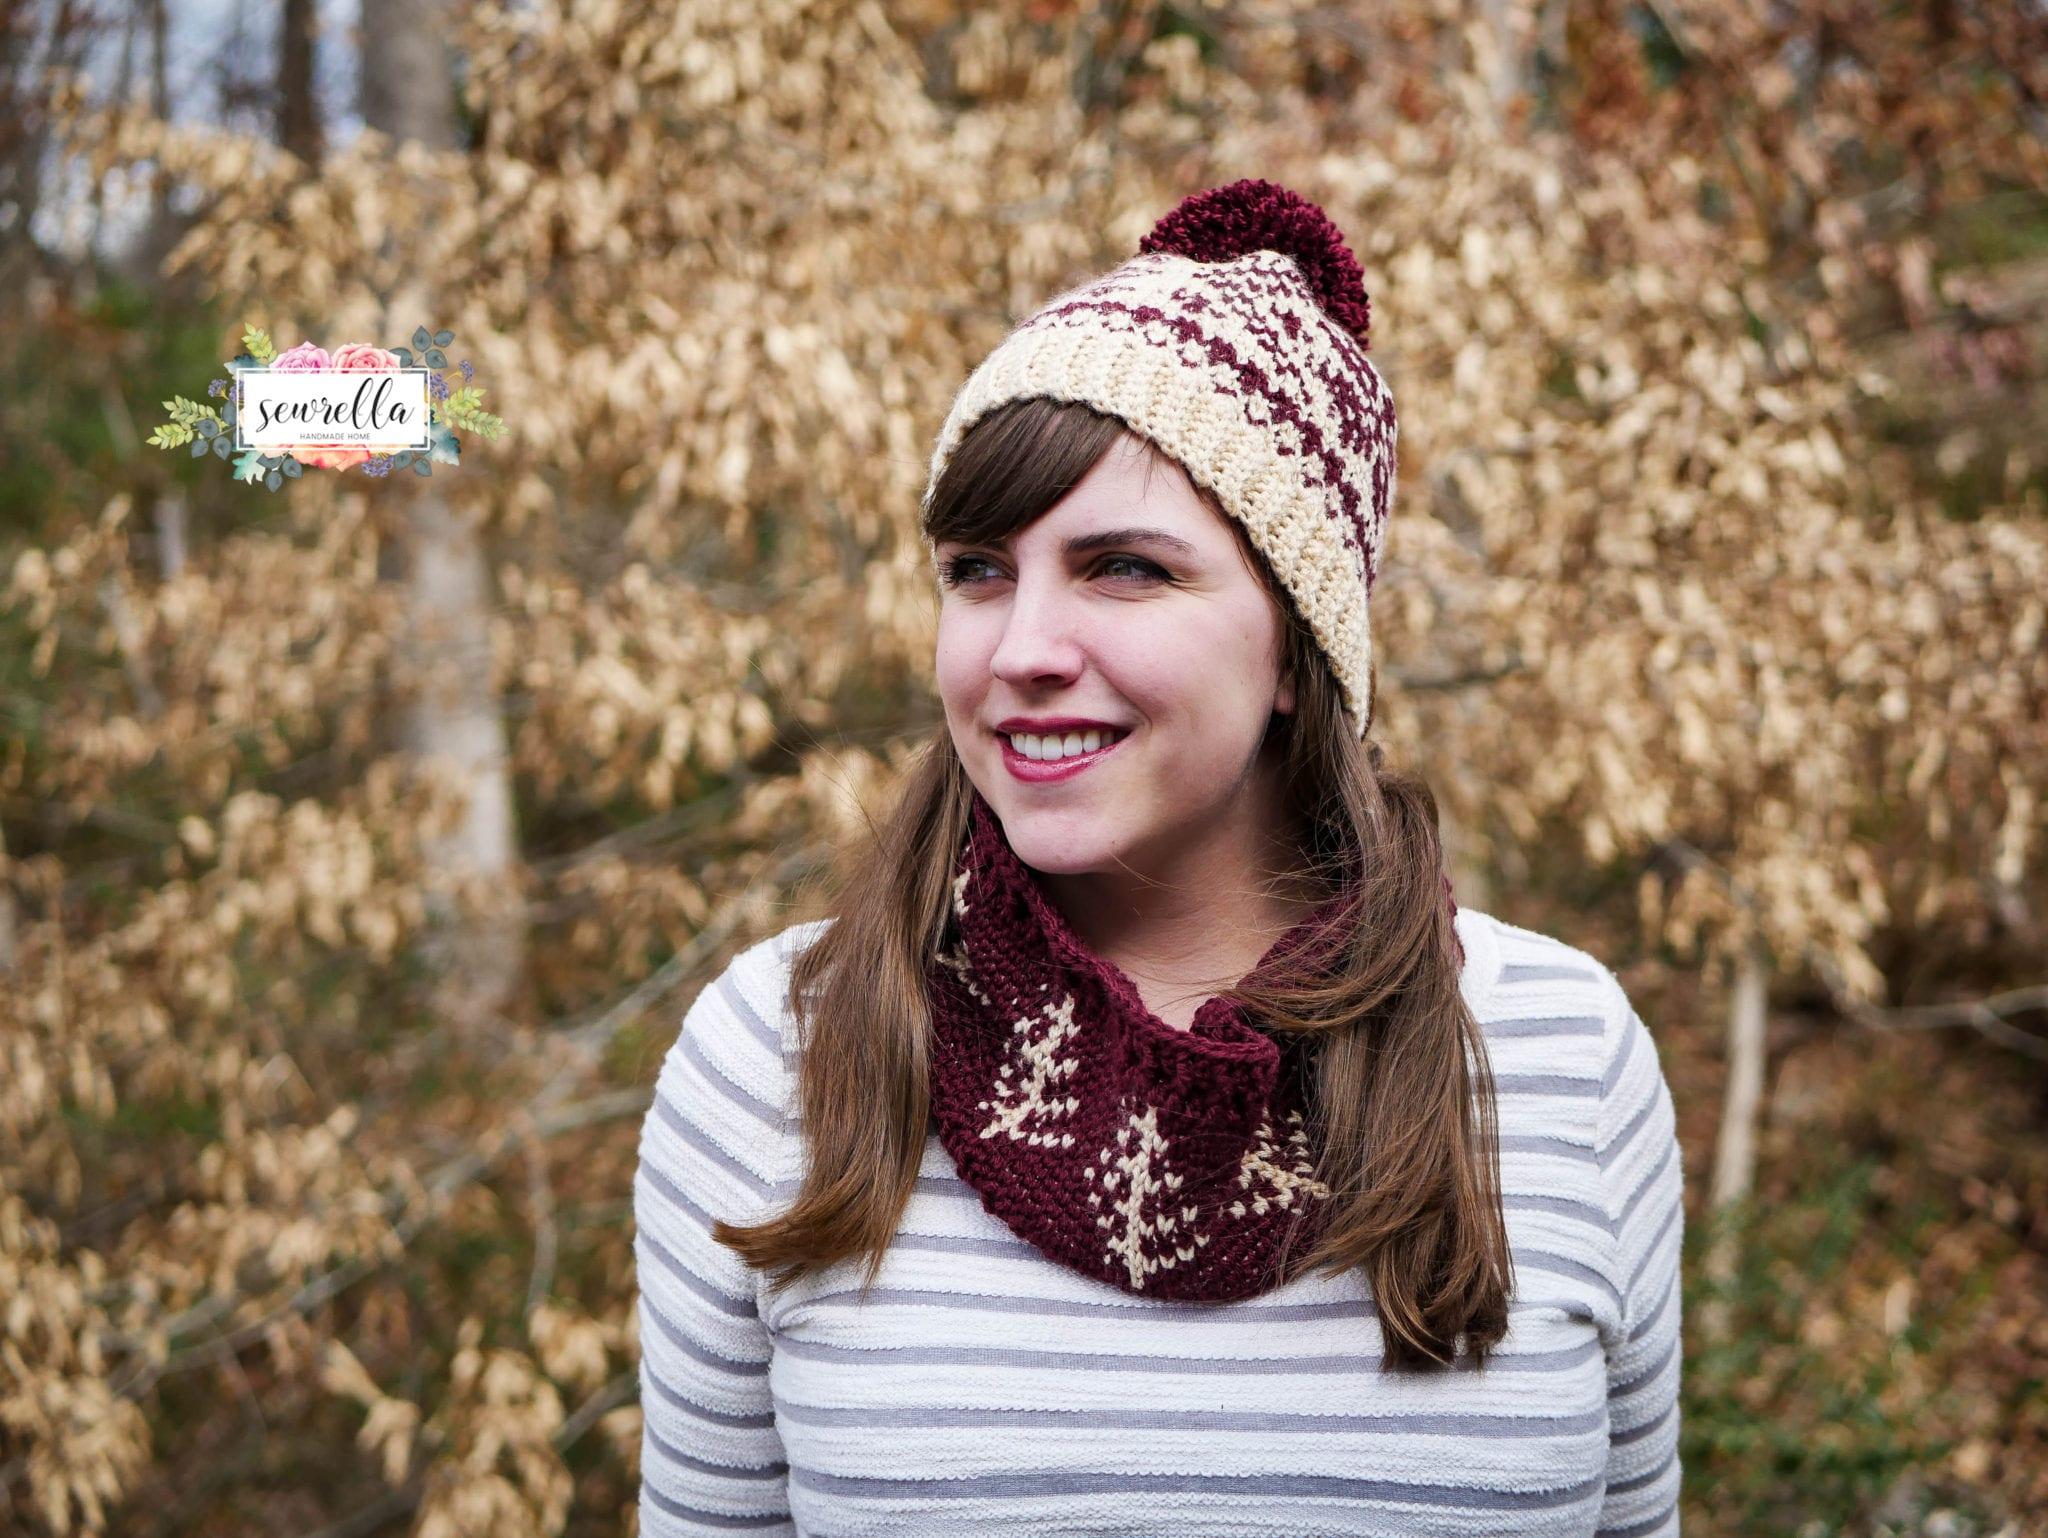 Faux Knit Fair Isle Crochet Toque & Cowl - Sewrella